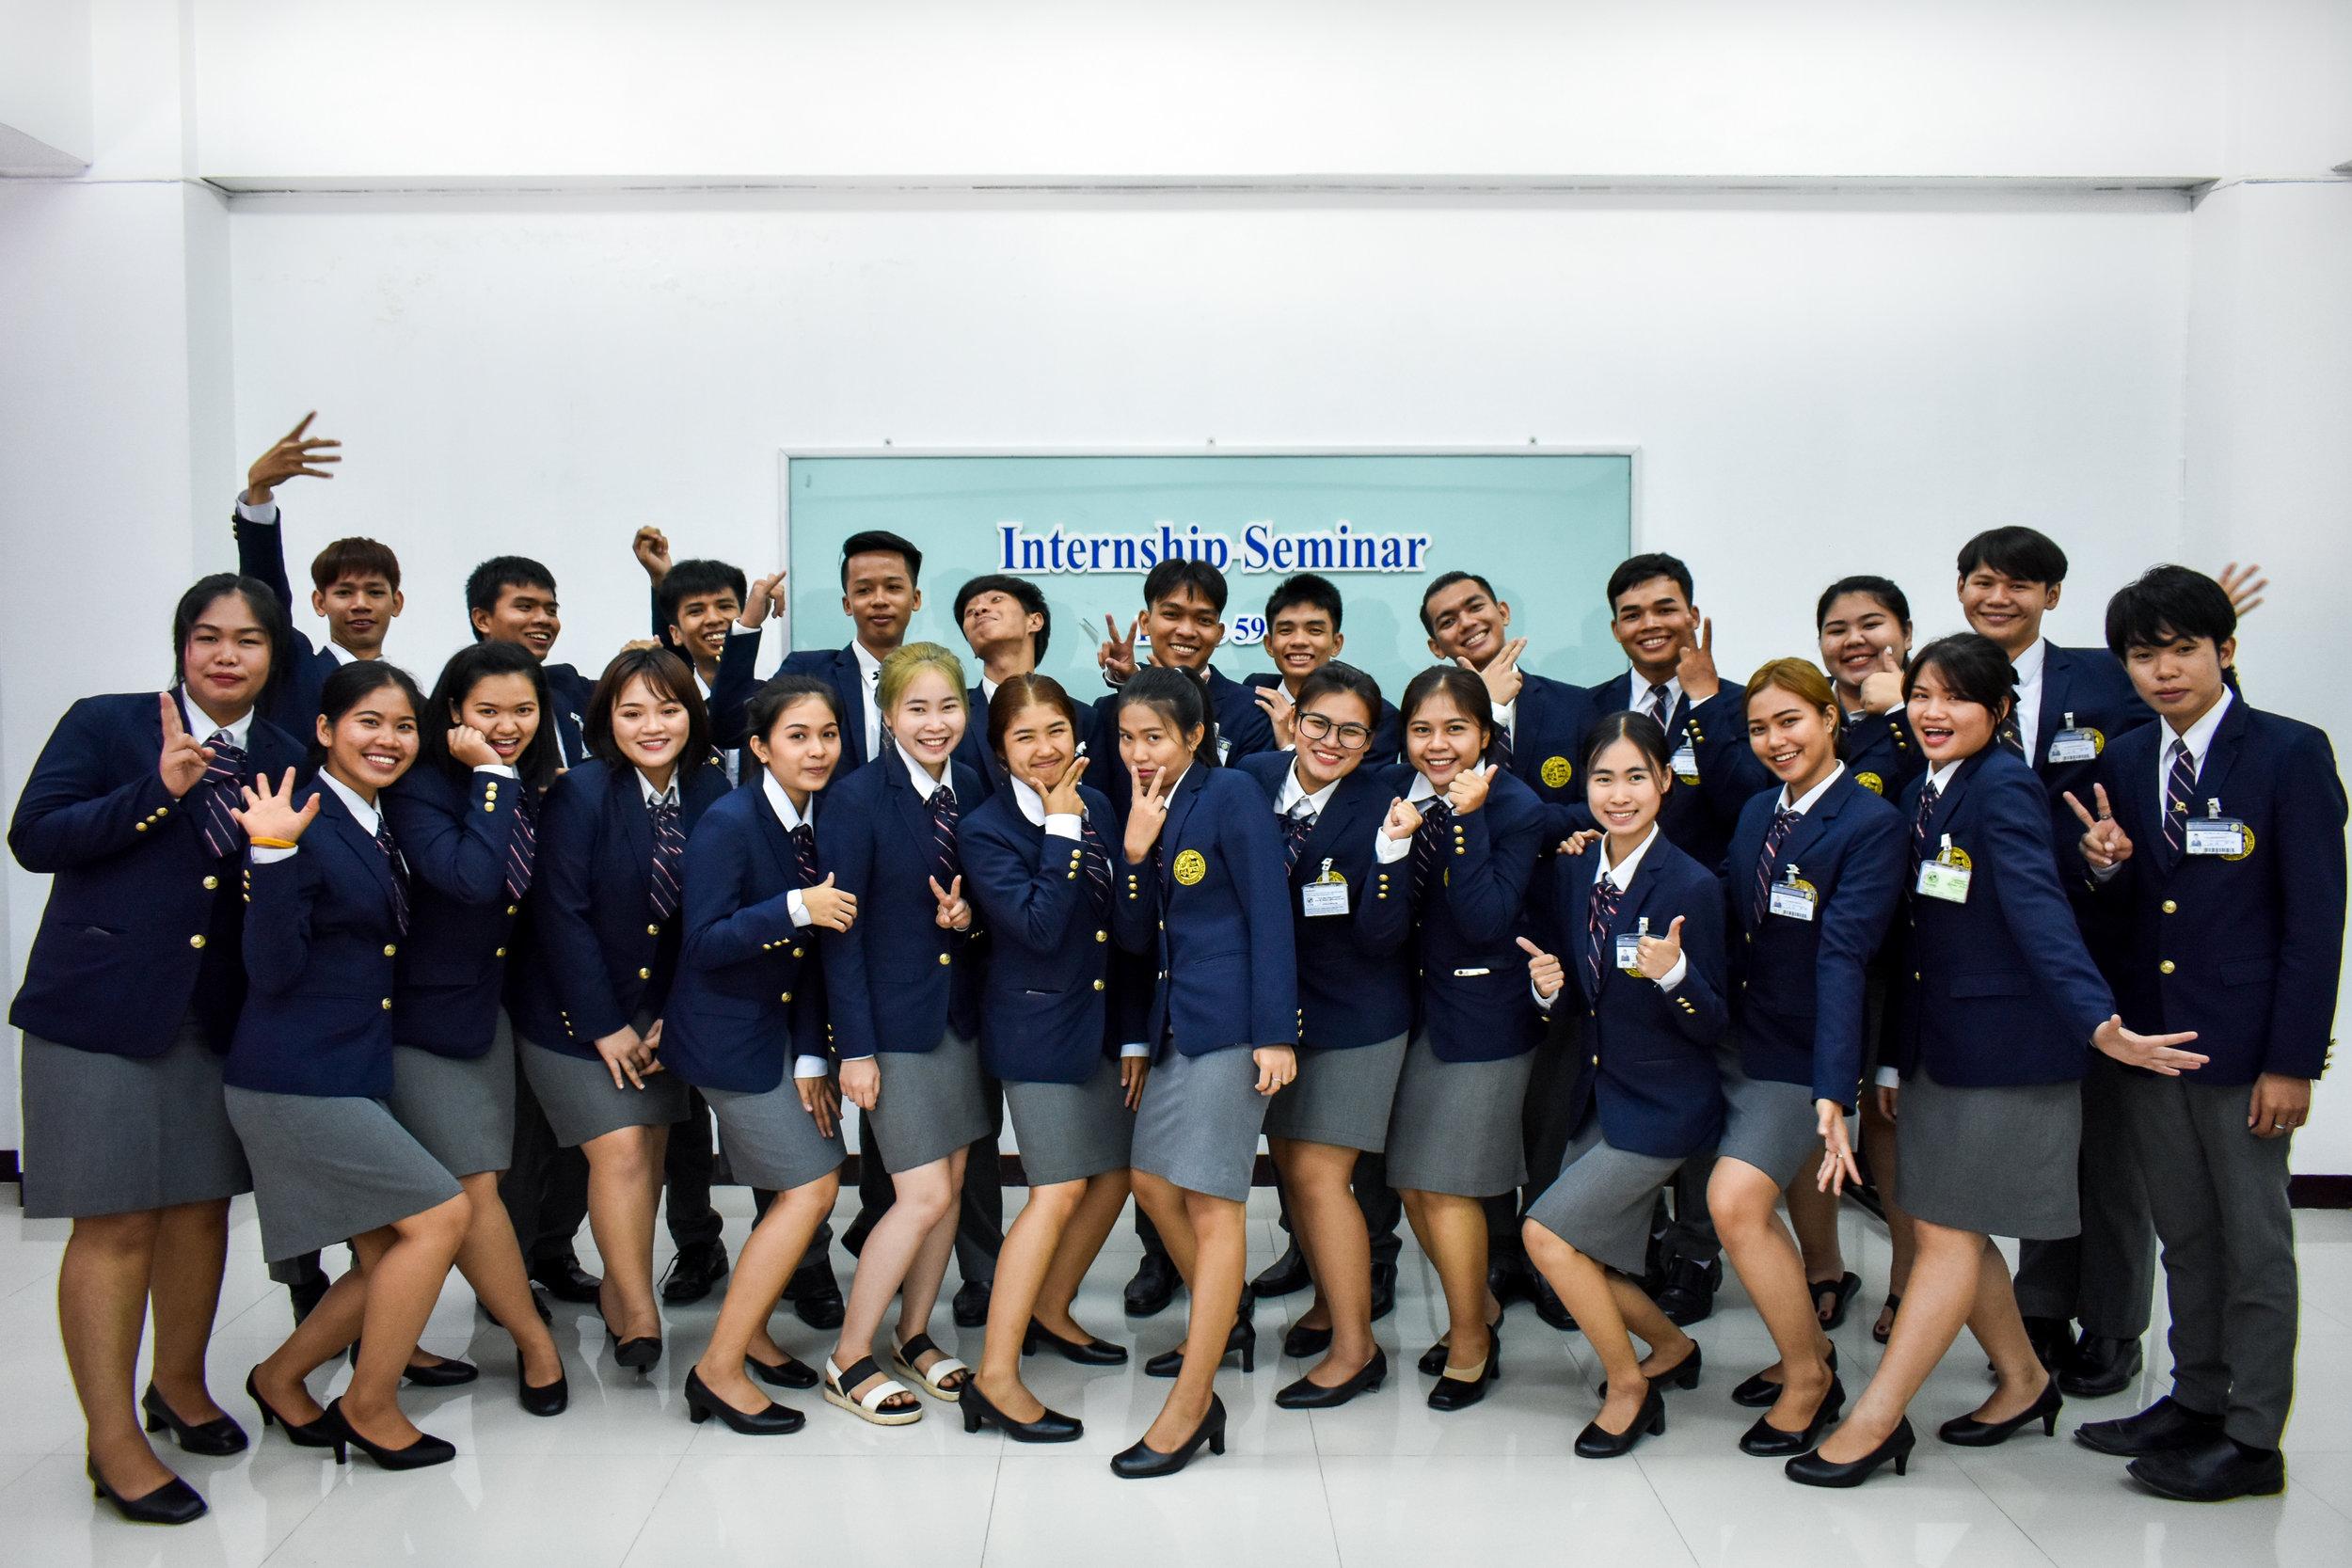 internship seminar 2 (2 of 3).jpg